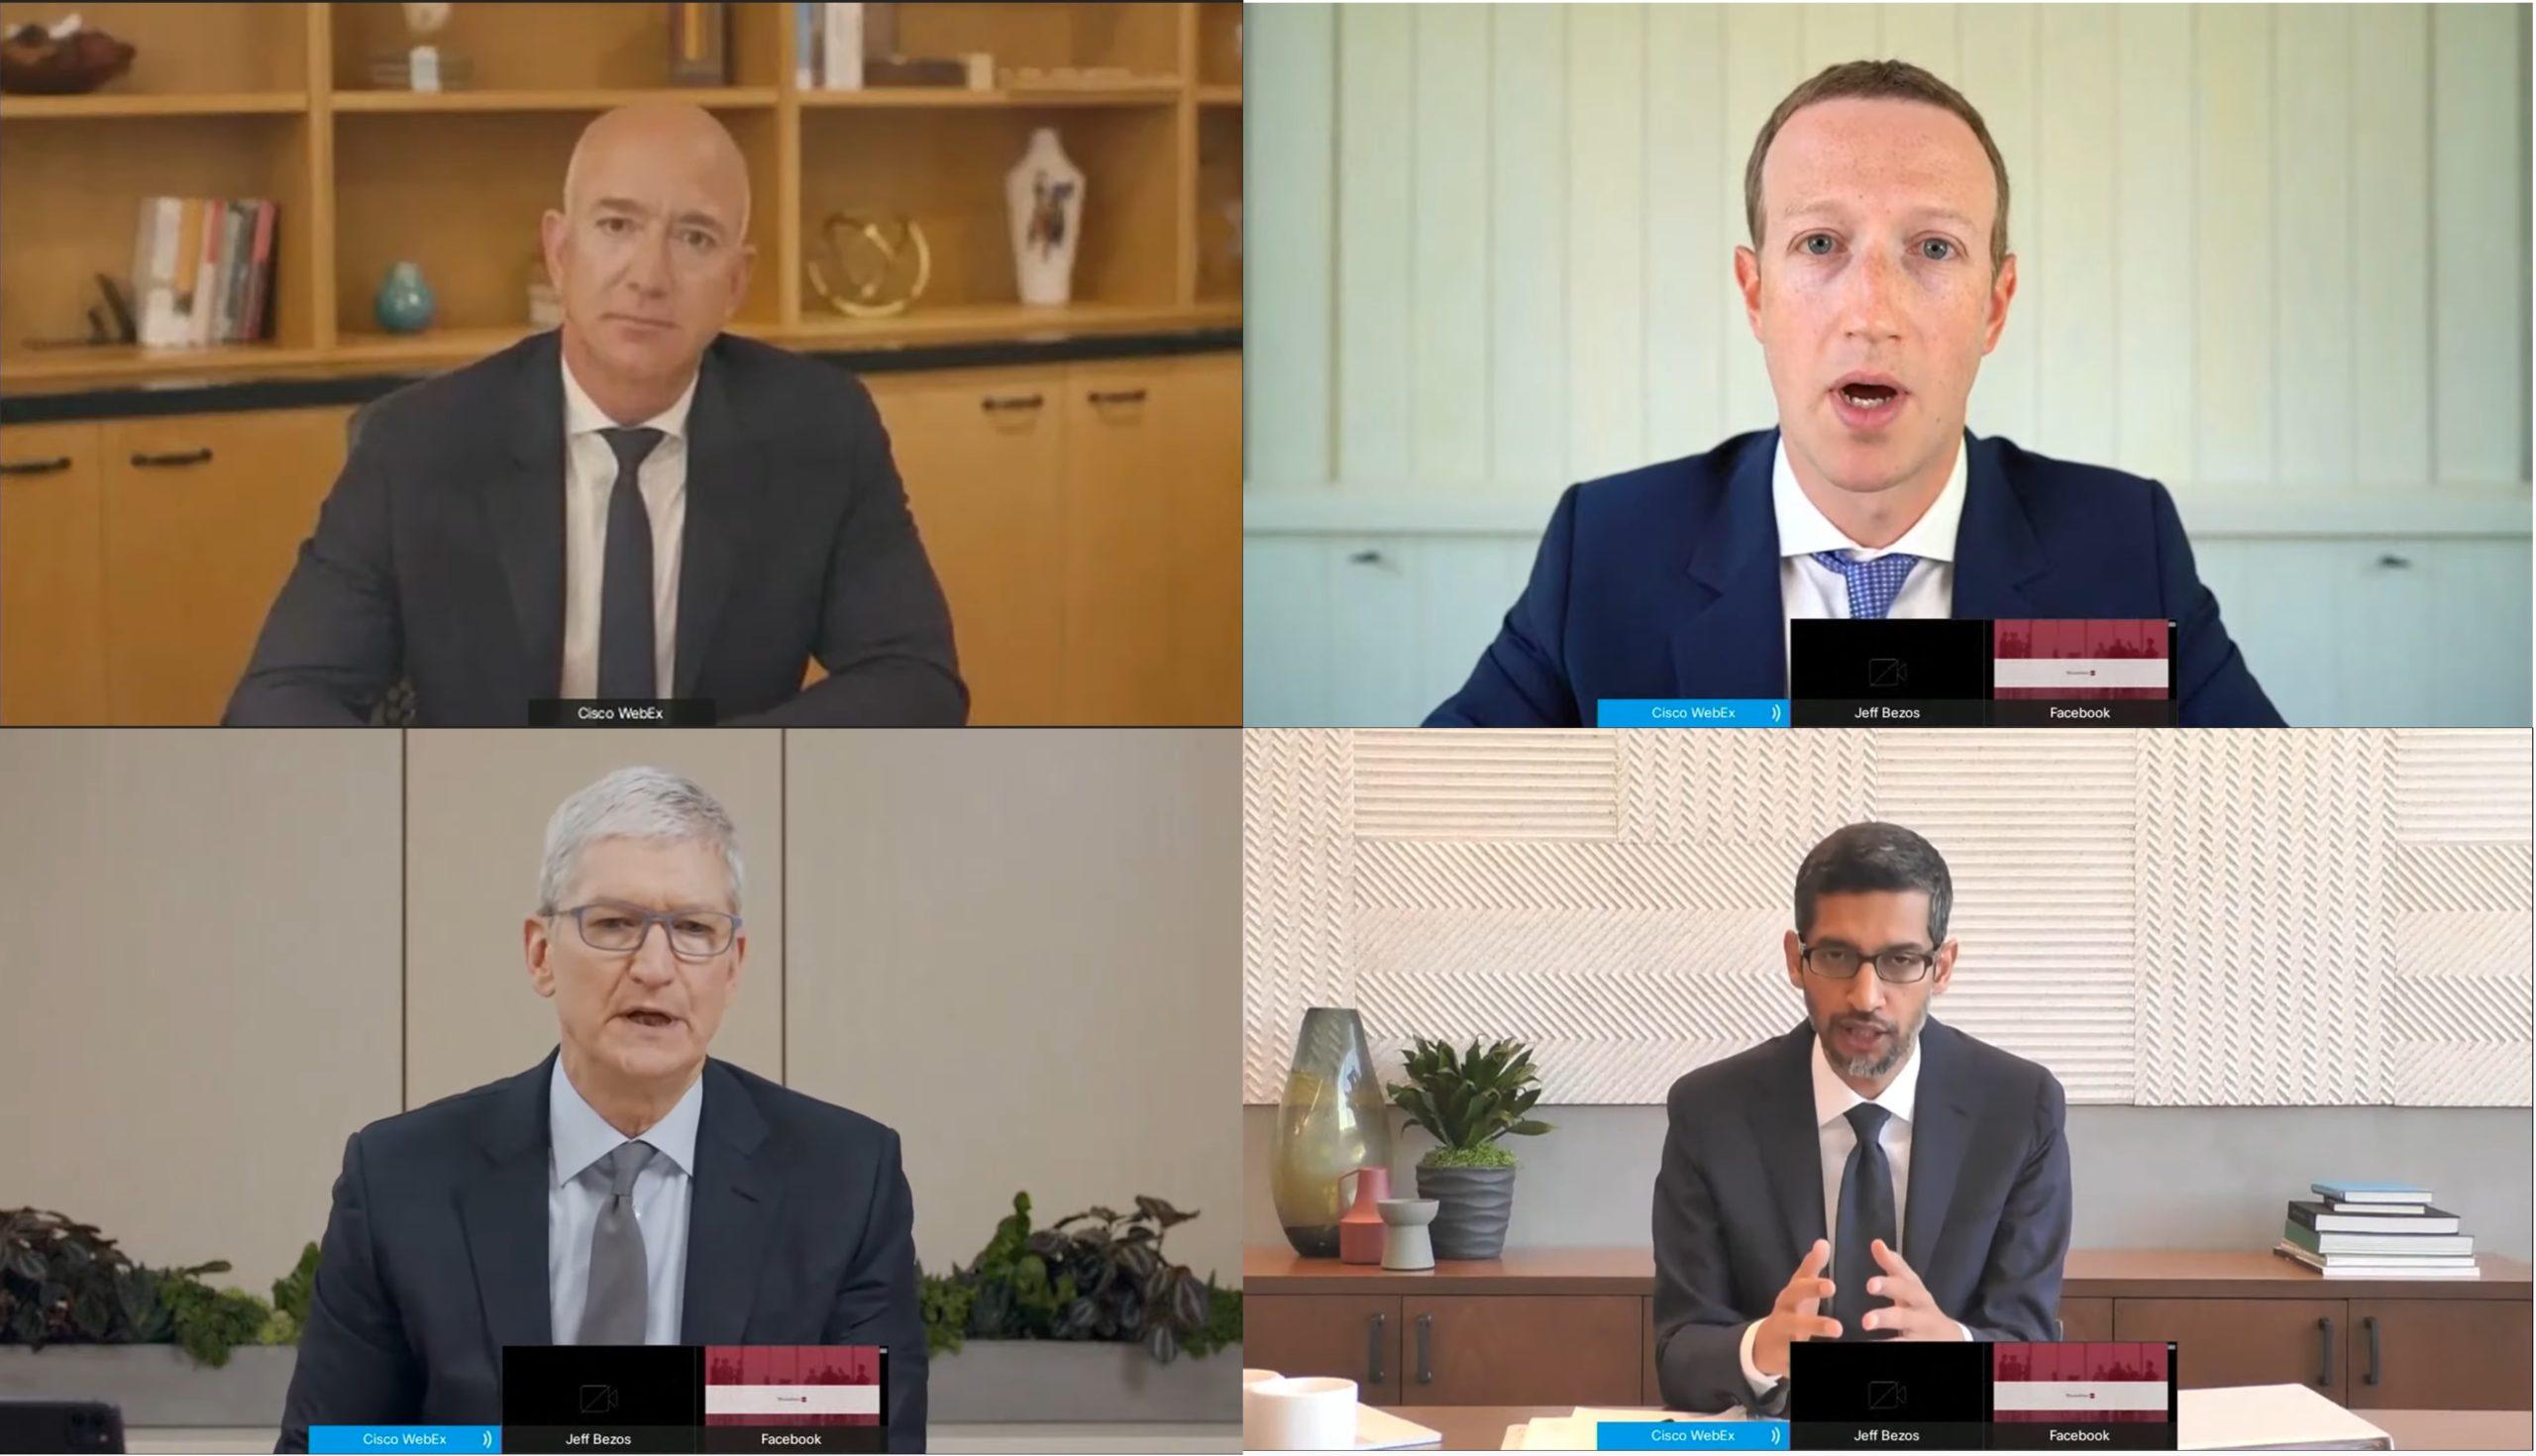 זאקרברג, בזוס (למעלה), פיצ'אי וקוק (למטה) בשימוע בוועדת ההגבלים העסקיים, 7.2020